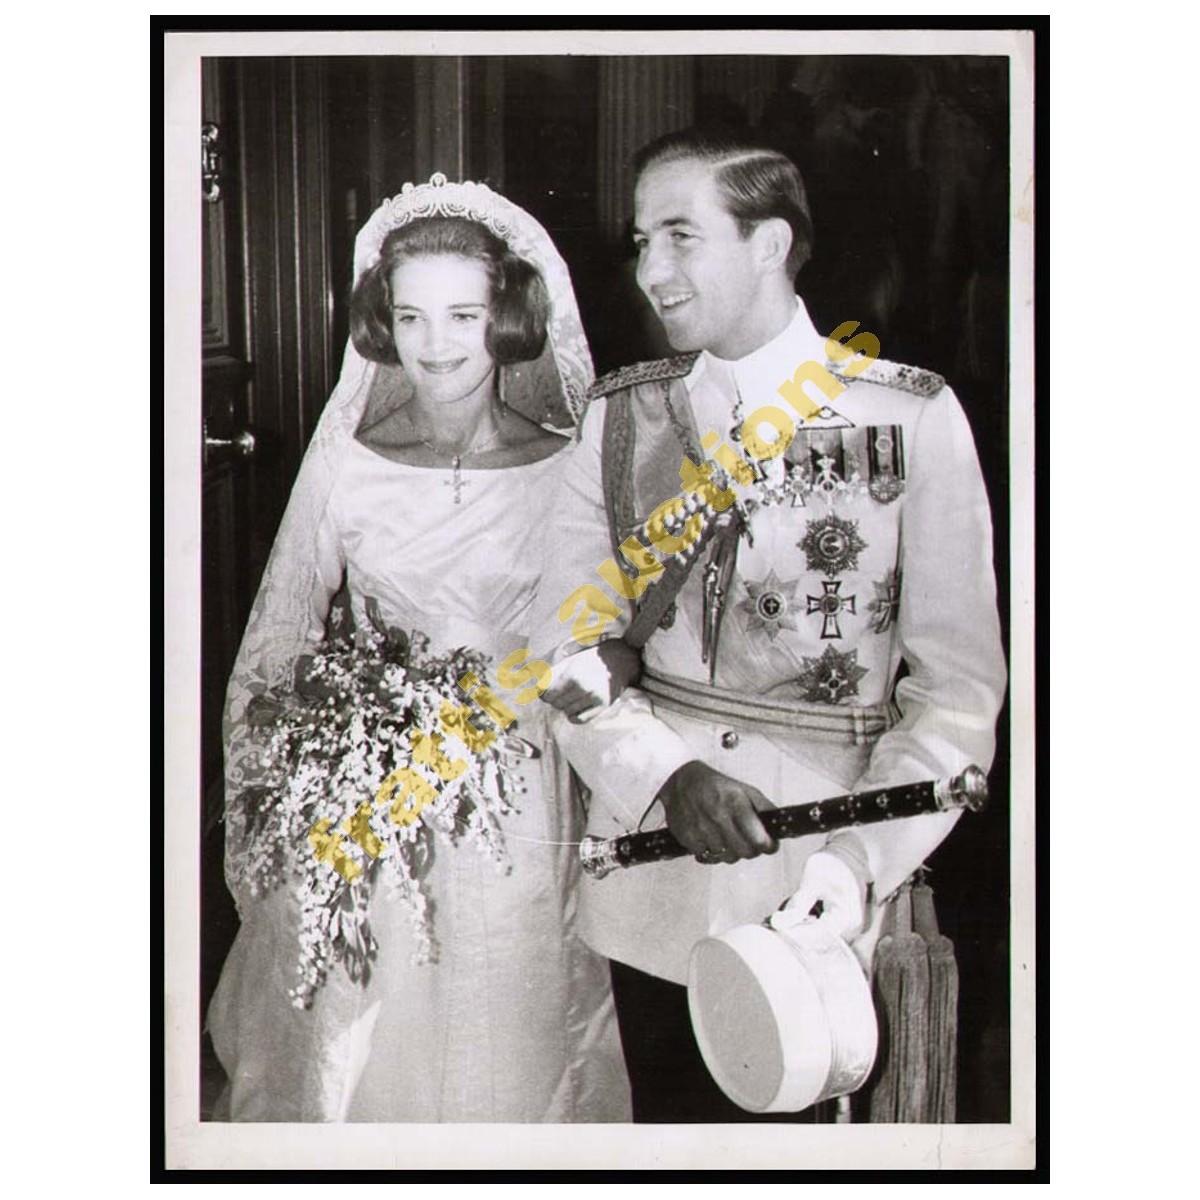 2 Φωτογραφίες από τους γάμους του Βασιλέως της Ελλάδας Κωνσταντίνου ΙΙ με την Άννα-Μαρία.